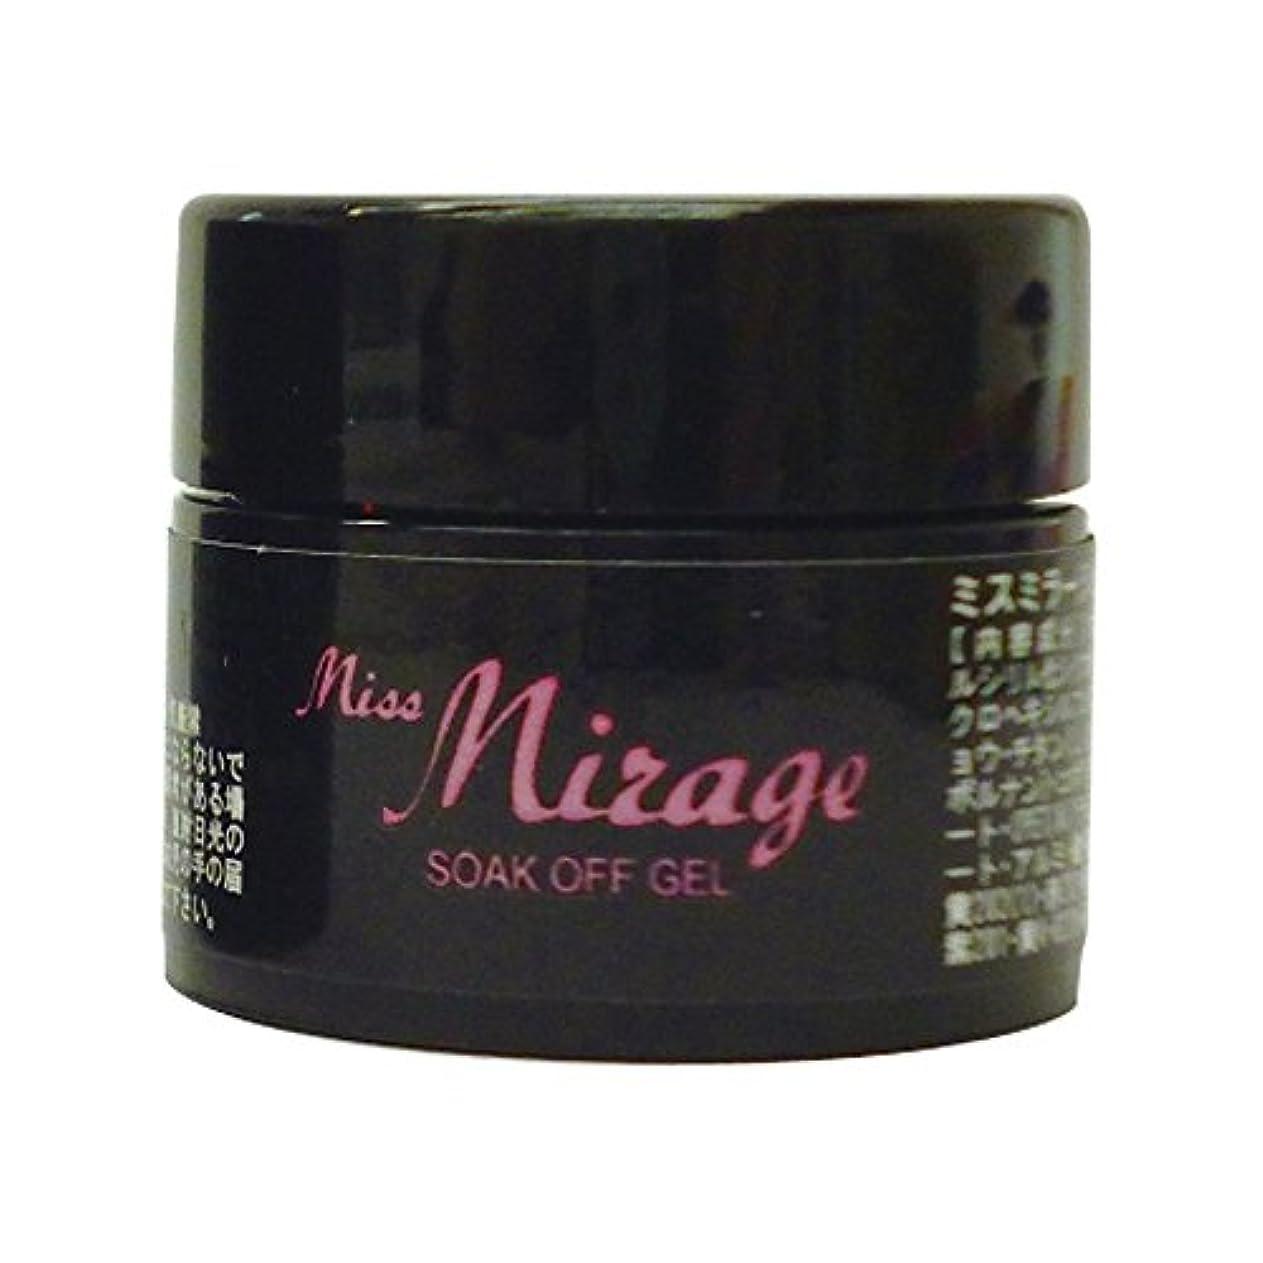 無礼に虚偽統計的Miss Mirage(ミスミラージュ) Miss Mirage カラージェル M143S 2.5g スモーキーオレンジ UV/LED対応 ジェルネイル